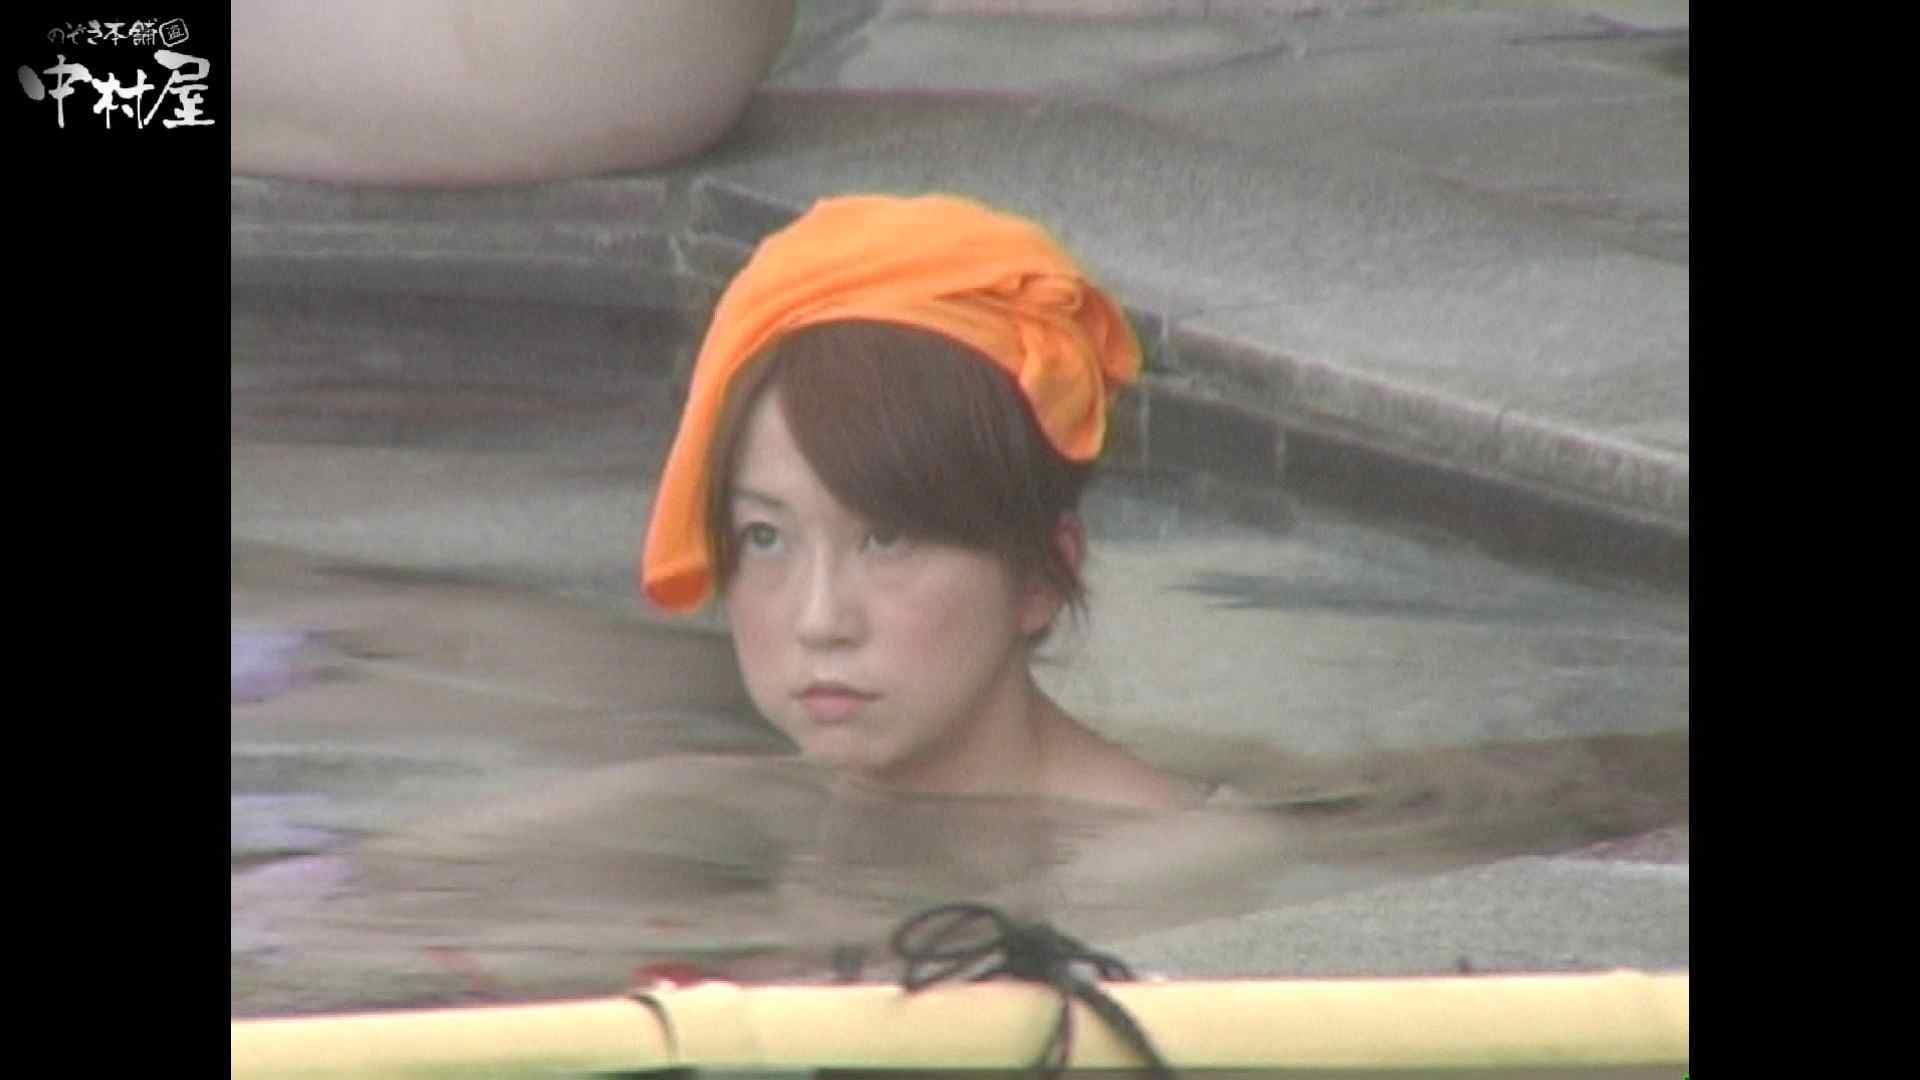 Aquaな露天風呂Vol.941 OLのエロ生活 アダルト動画キャプチャ 107連発 41